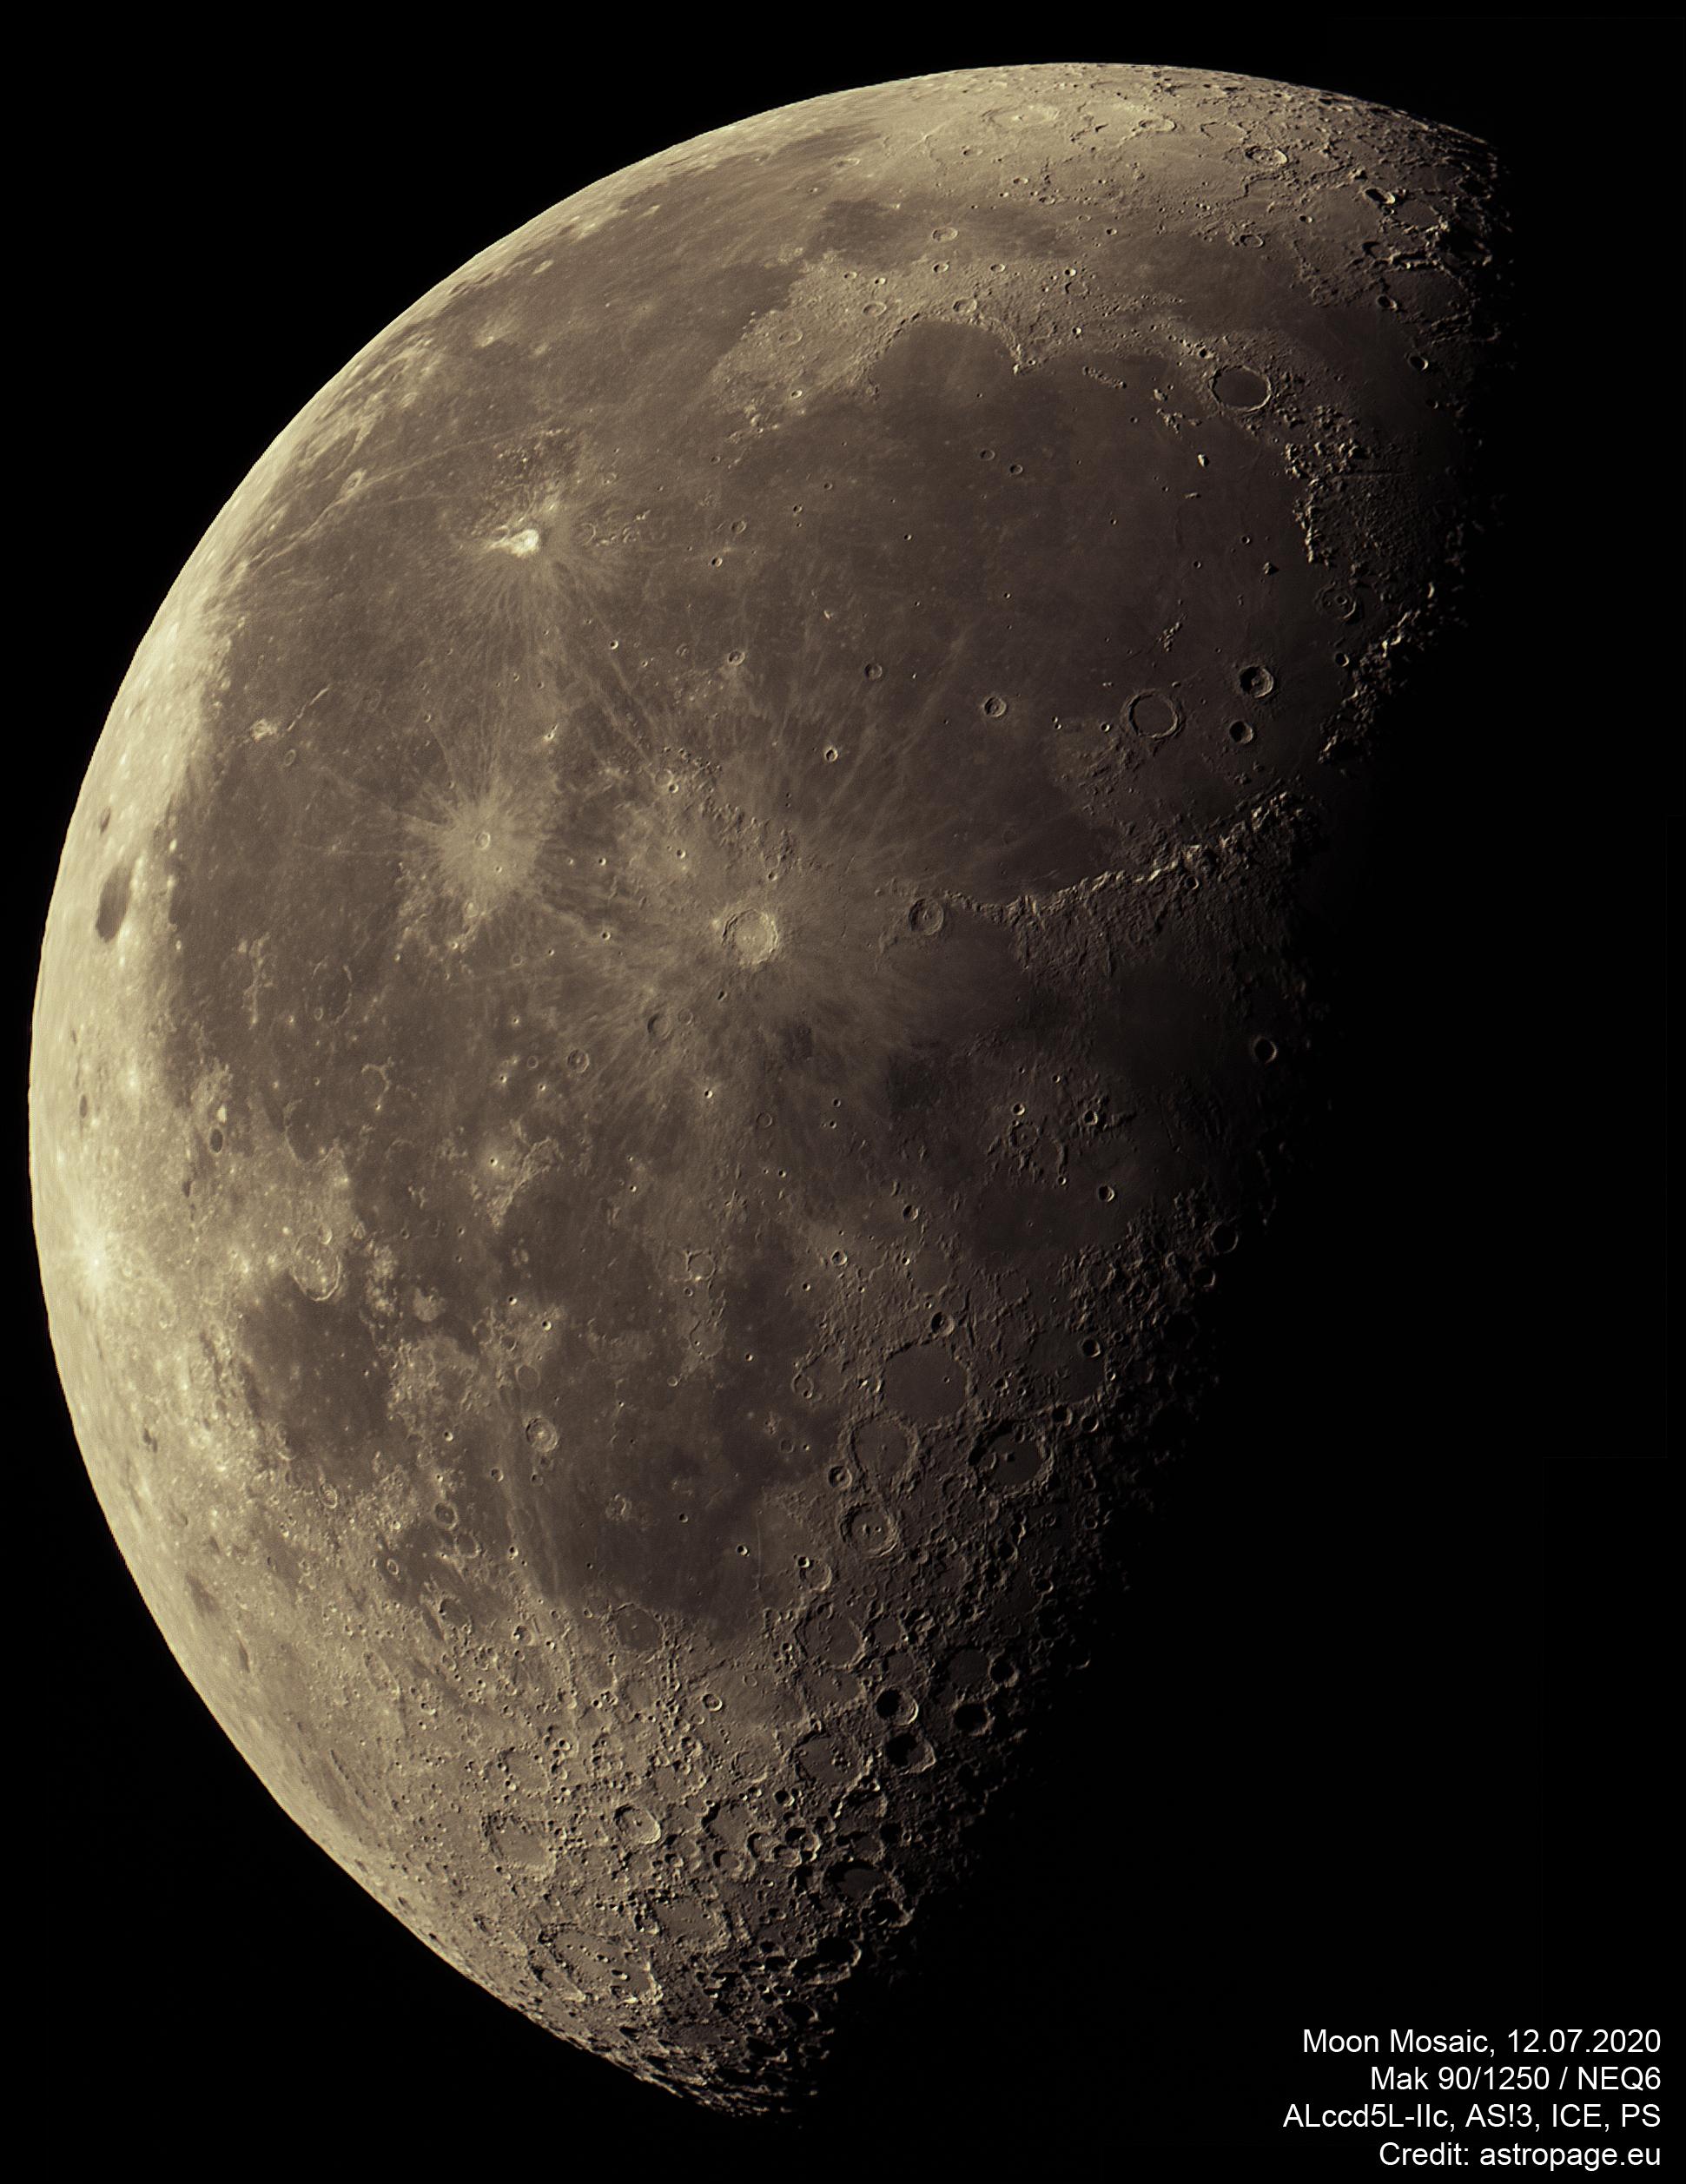 Mond-Mosaik, aufgenommen am 12. Juli 2020. (Credits: astropage.eu)